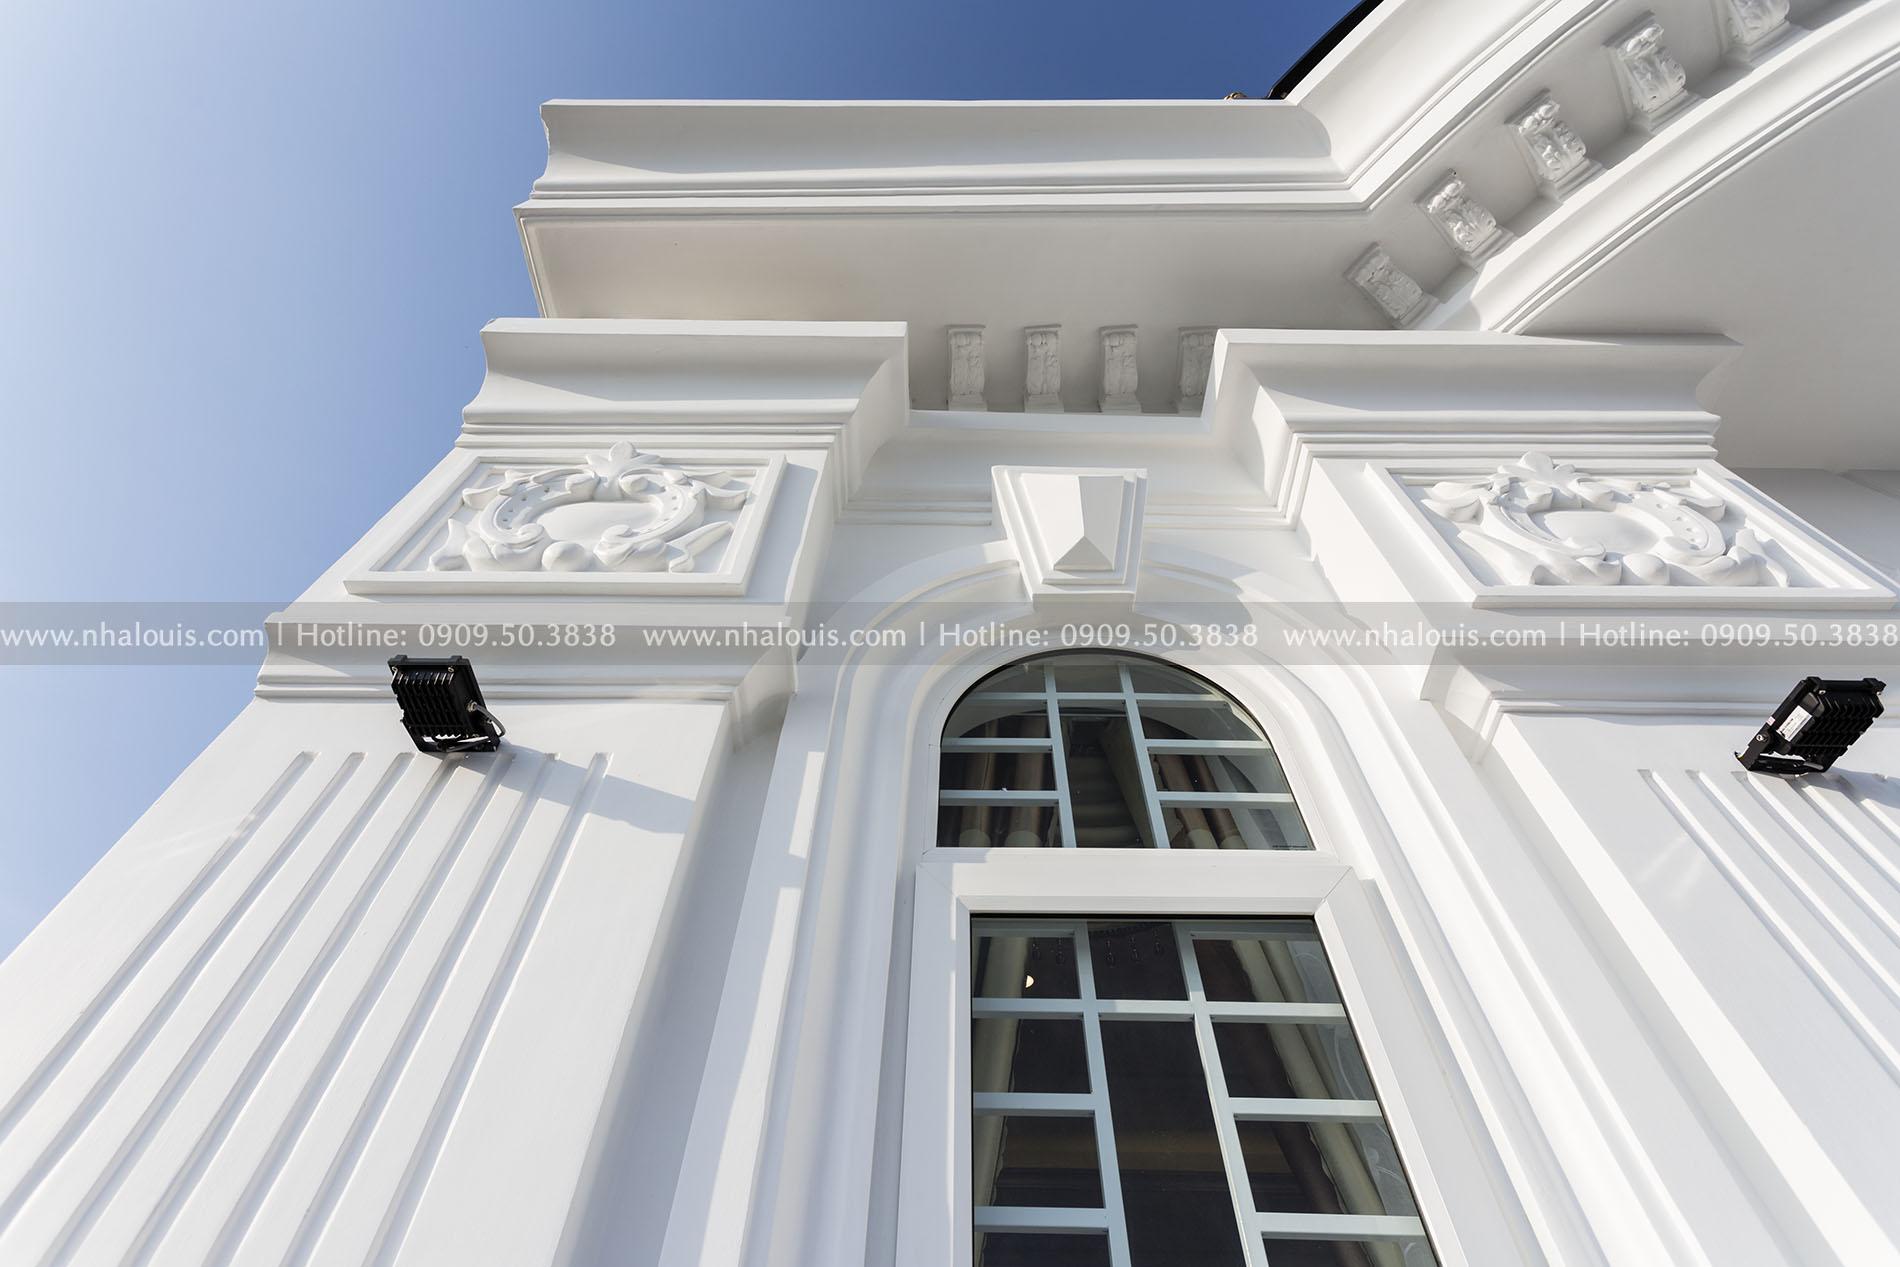 Hoàn thành dự án thi công biệt thự 4 tầng cổ điển đẳng cấp tại Bến Tre